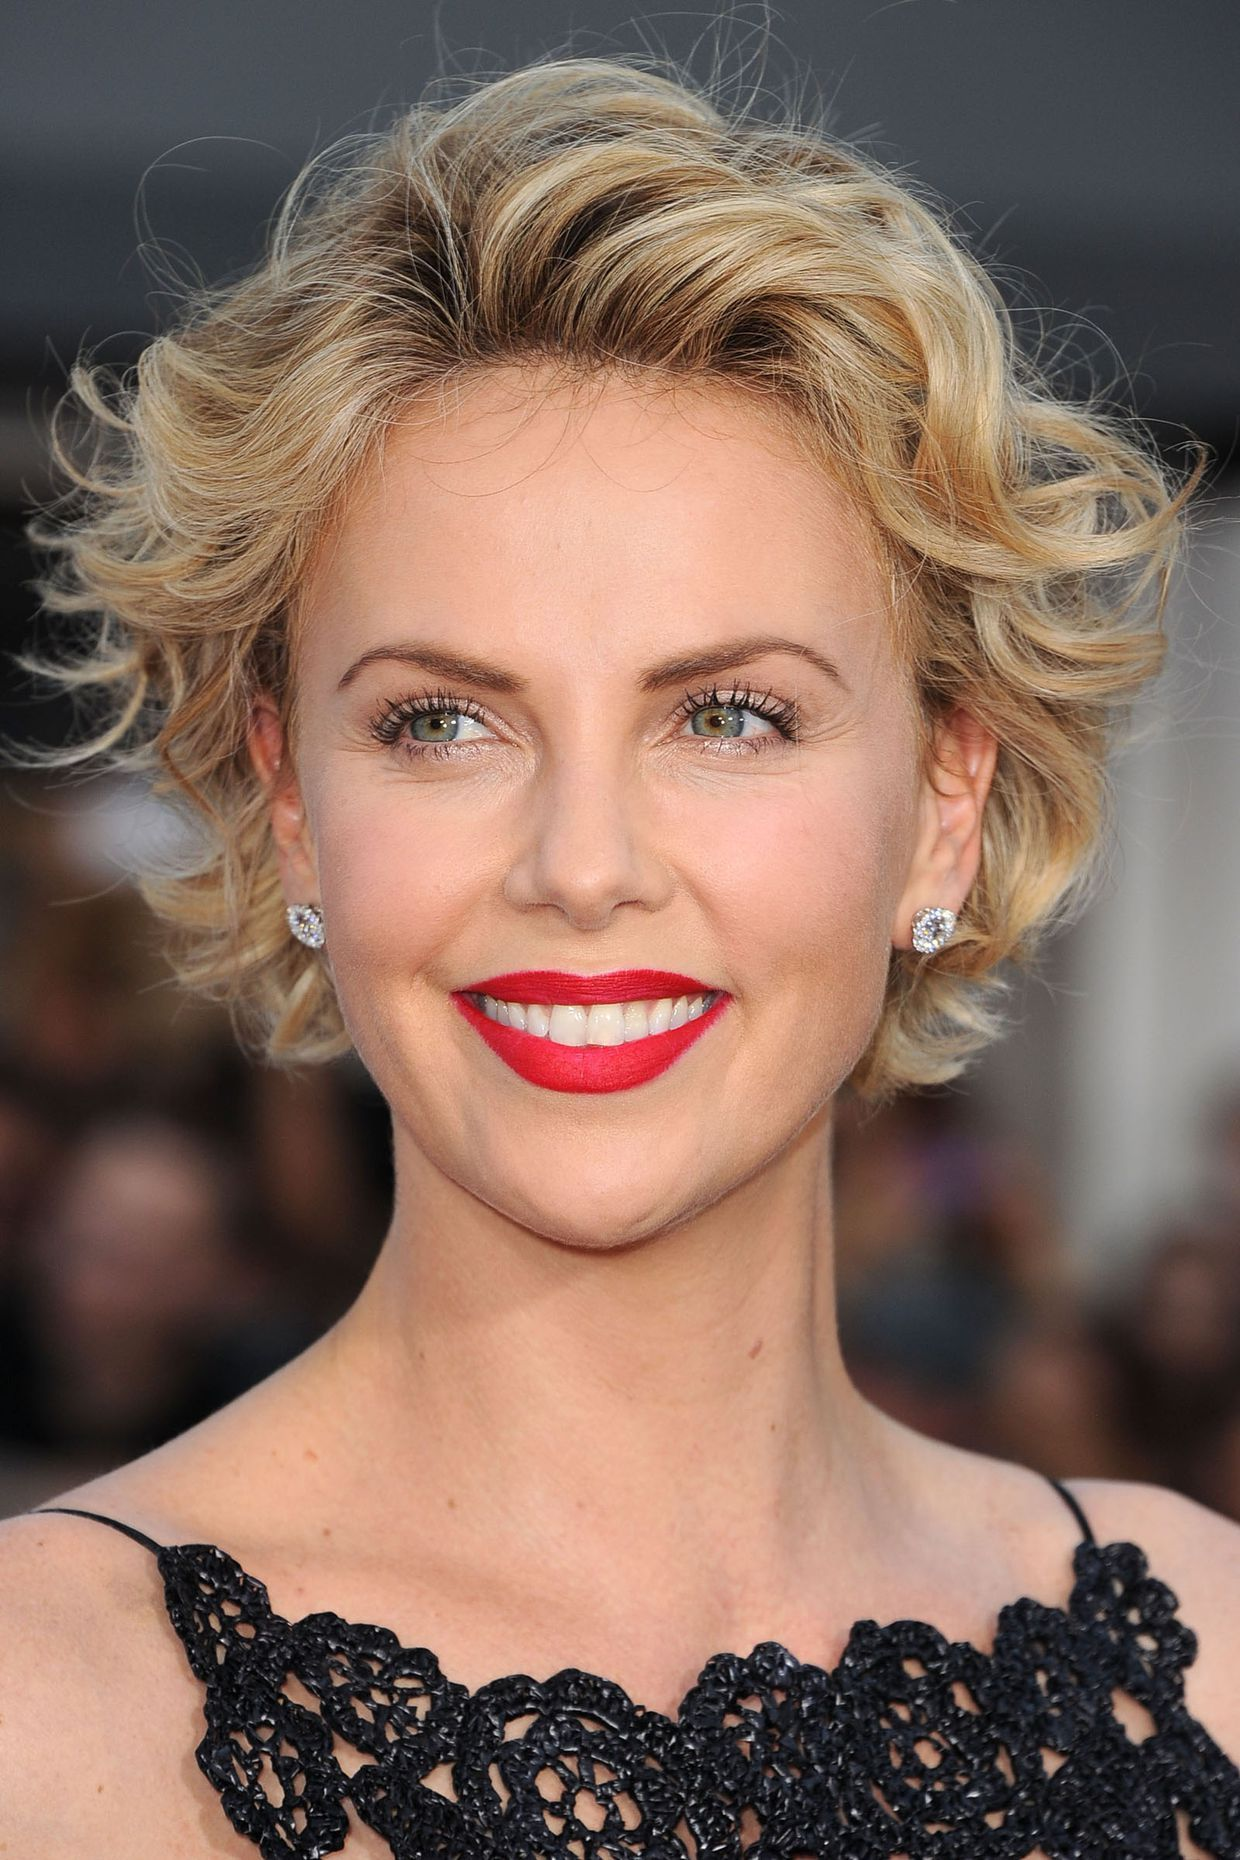 Kiểu tóc đẹp sang cho phụ nữ tuổi 50